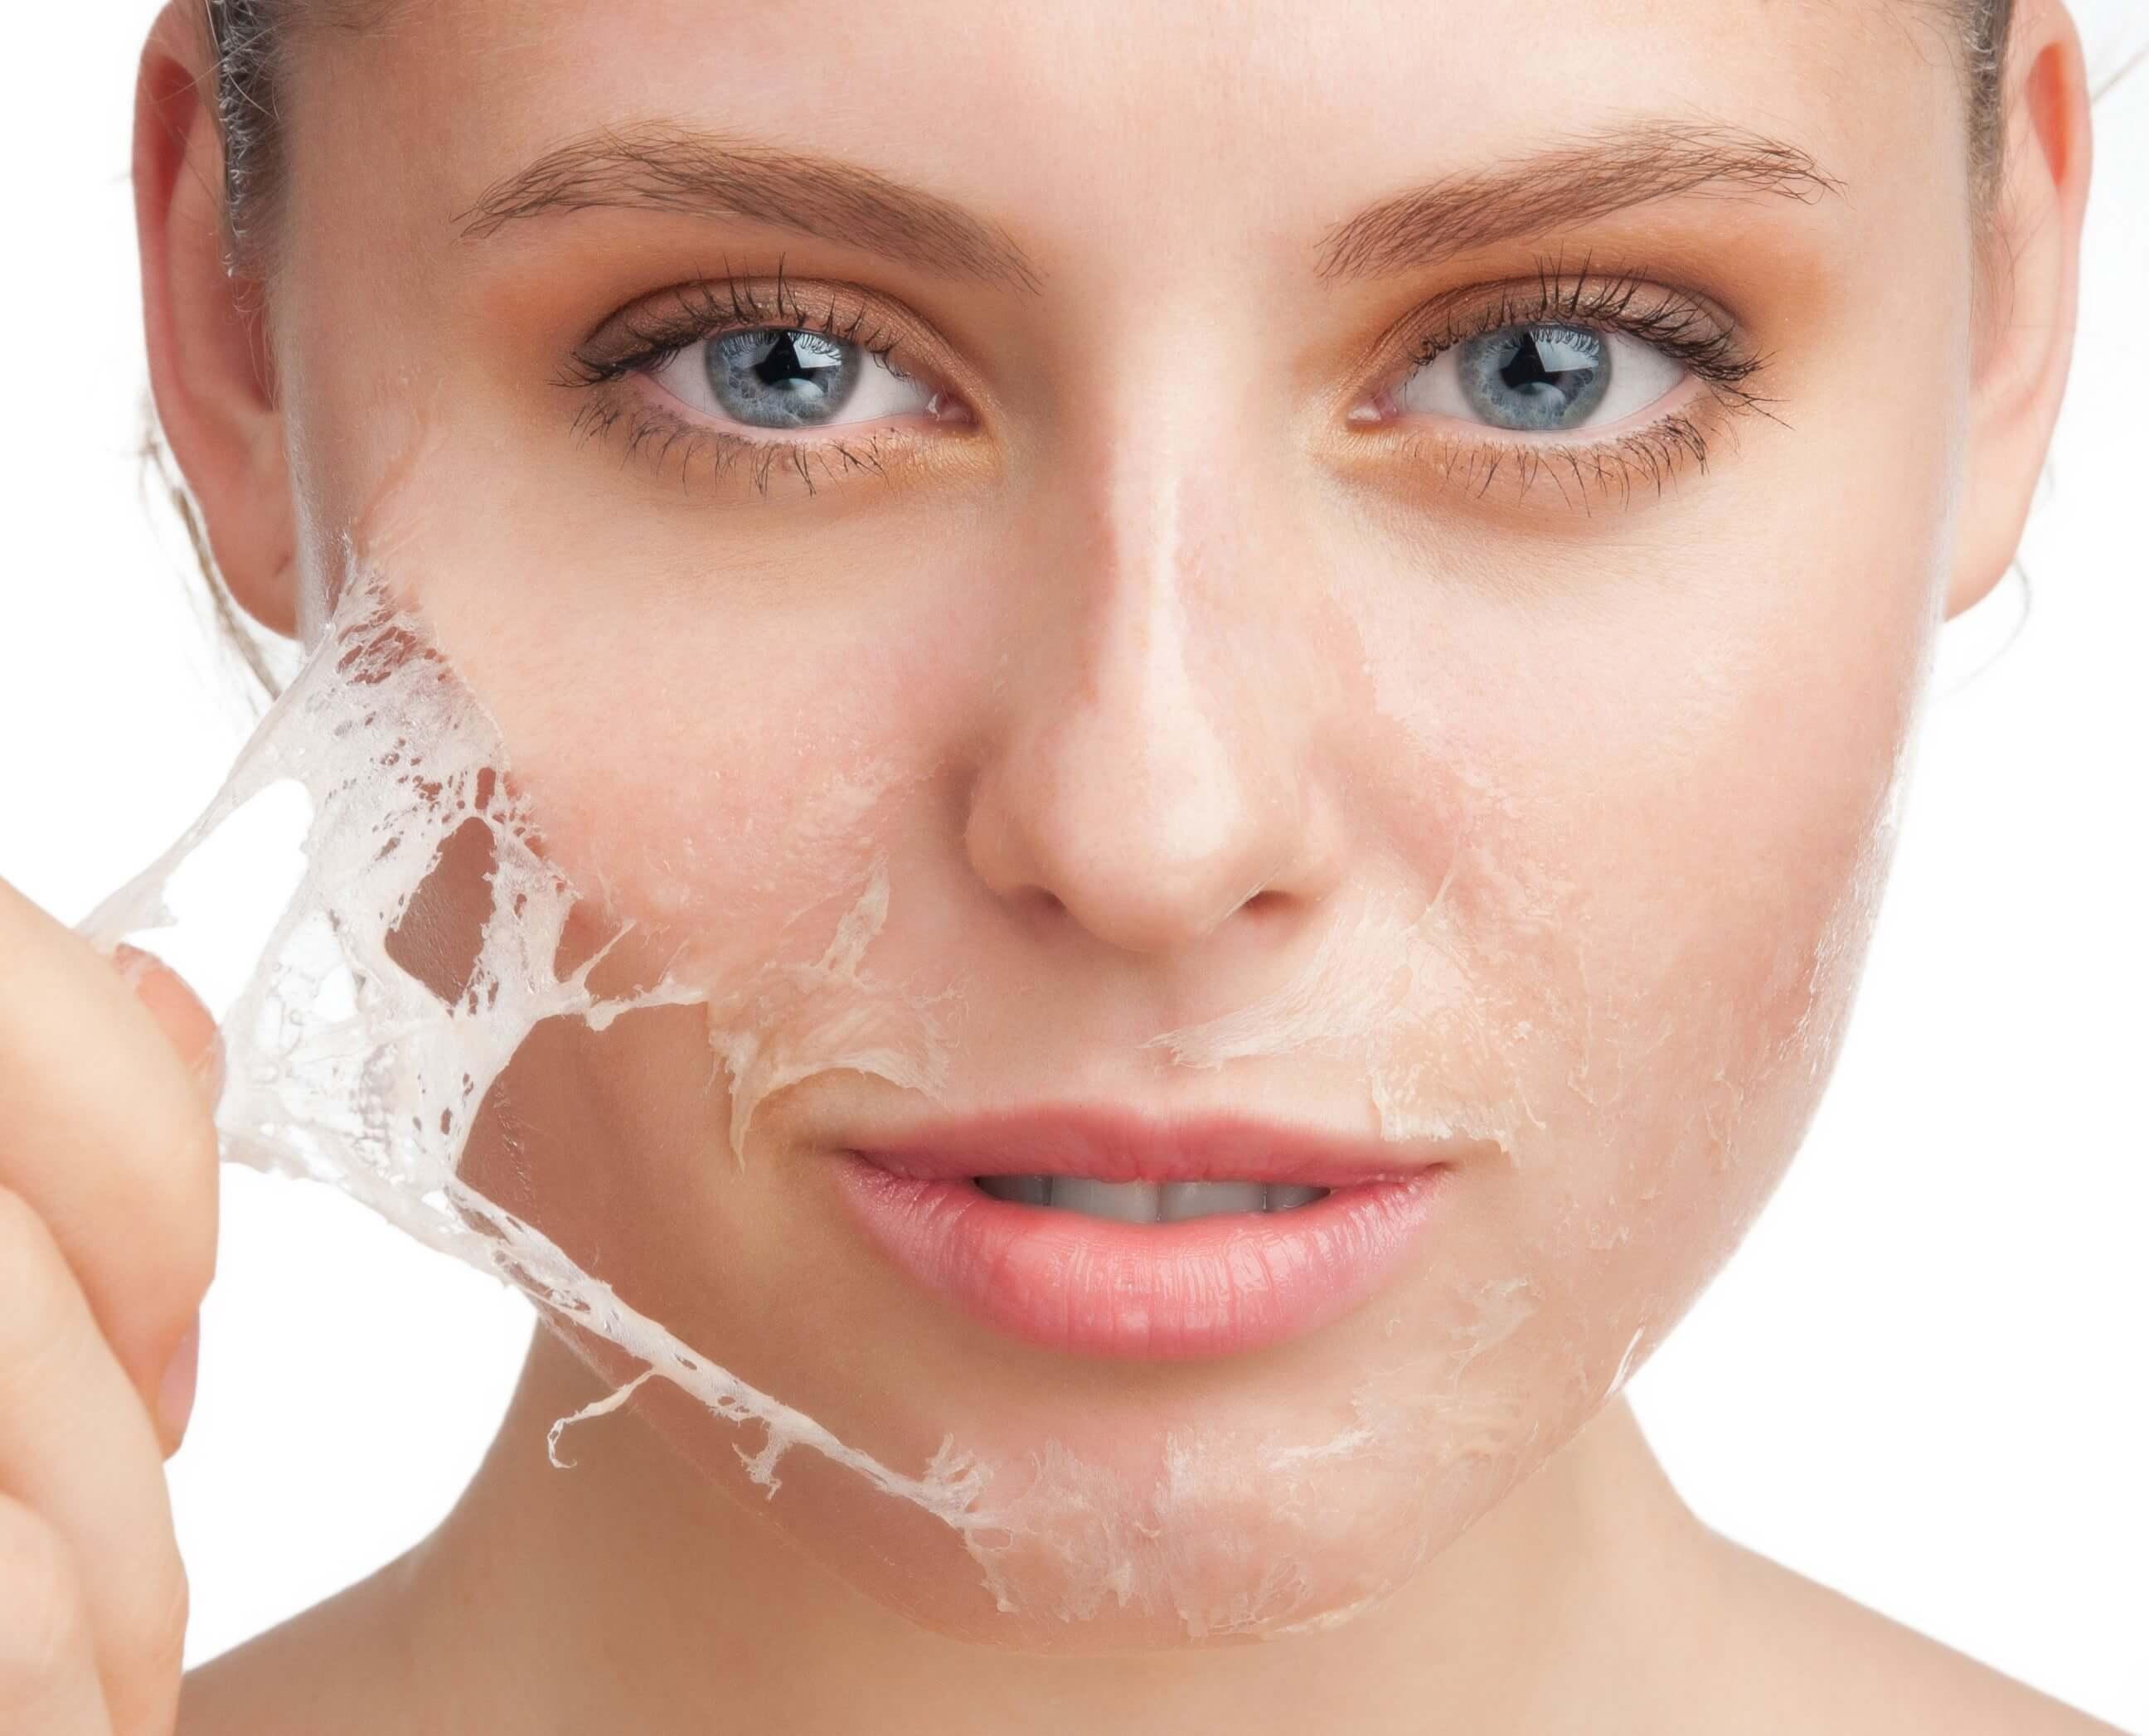 Un Tratamiento de Medicina Estética, ideal para rejuvenecer la piel de la cara.